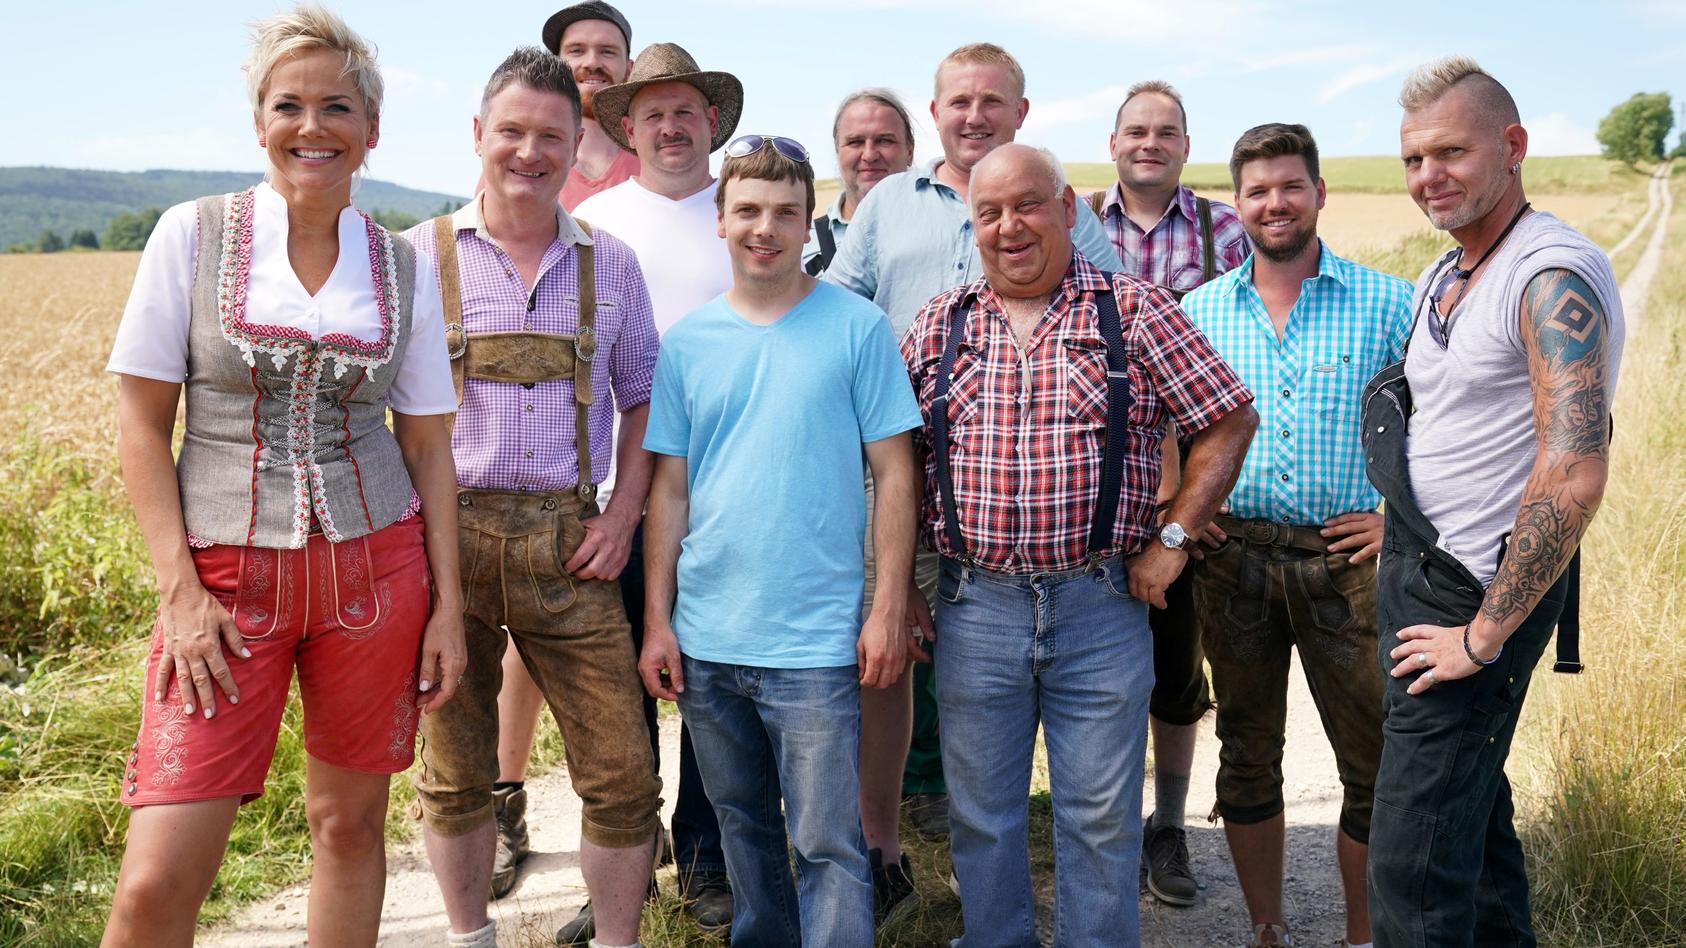 """Moderatorin Inka Bause mit den Bauern der fünfzehnten Staffel von """"Bauer sucht Frau""""."""